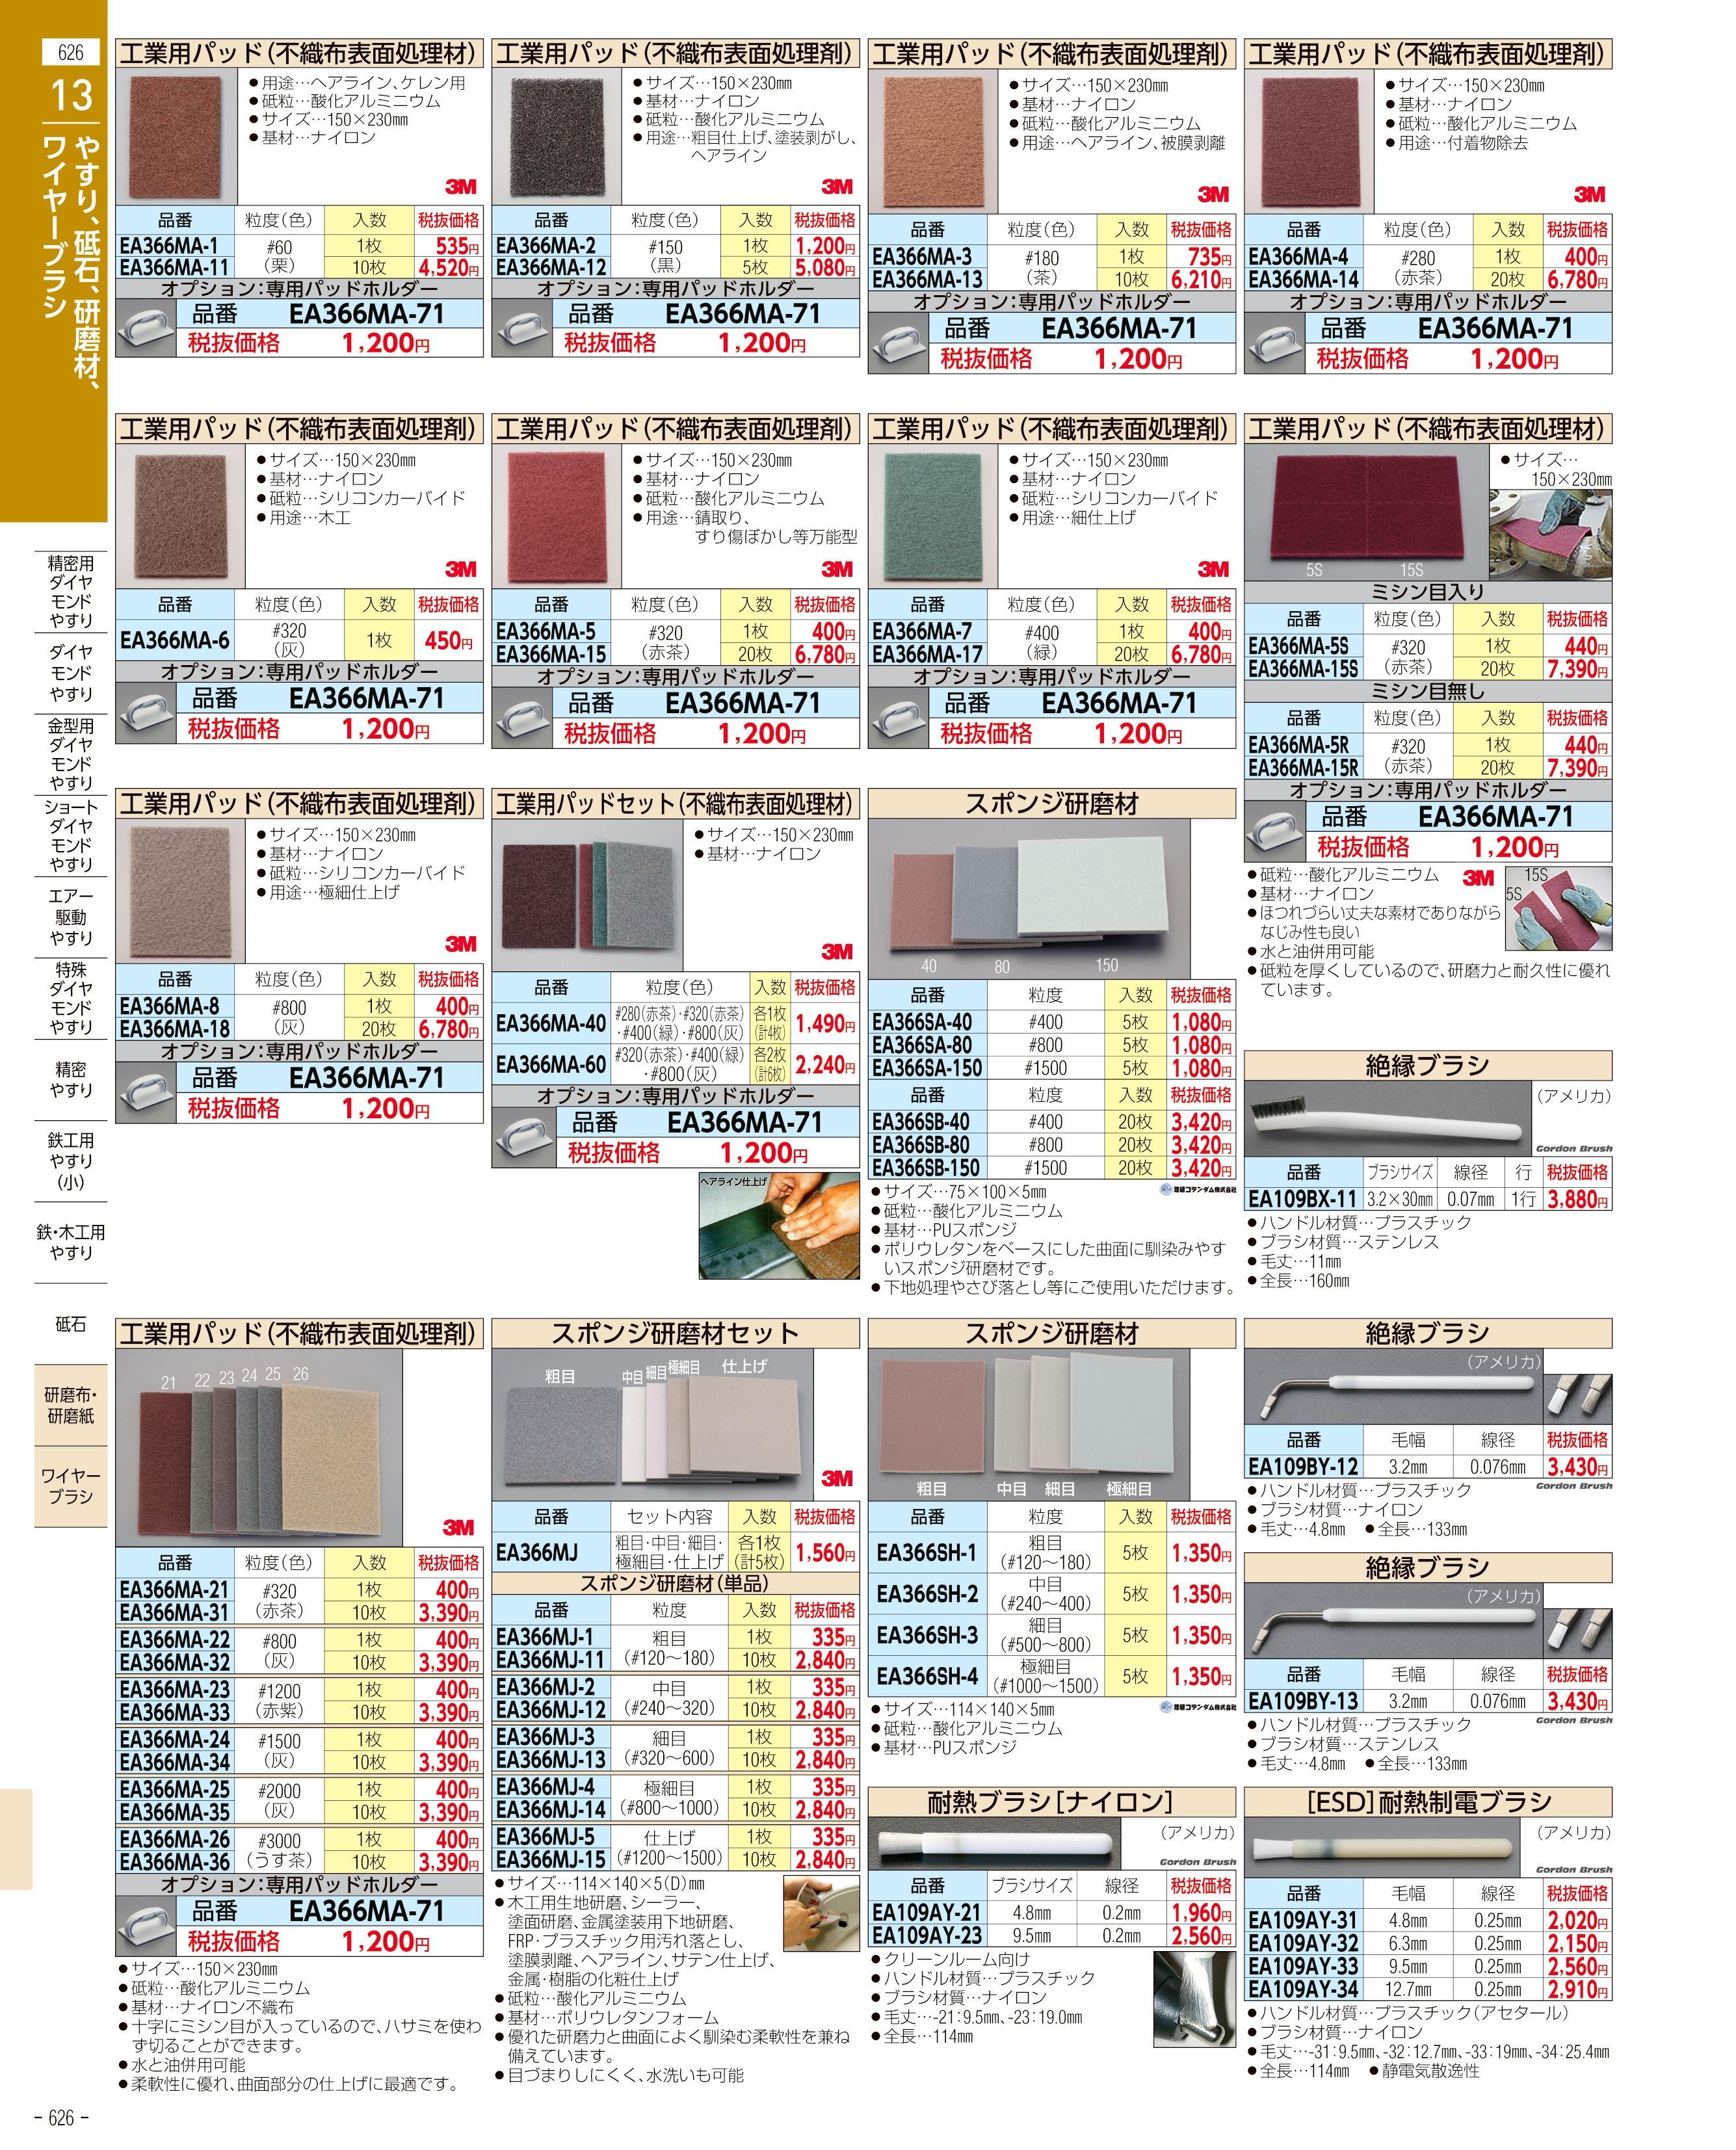 エスコ便利カタログ626ページ